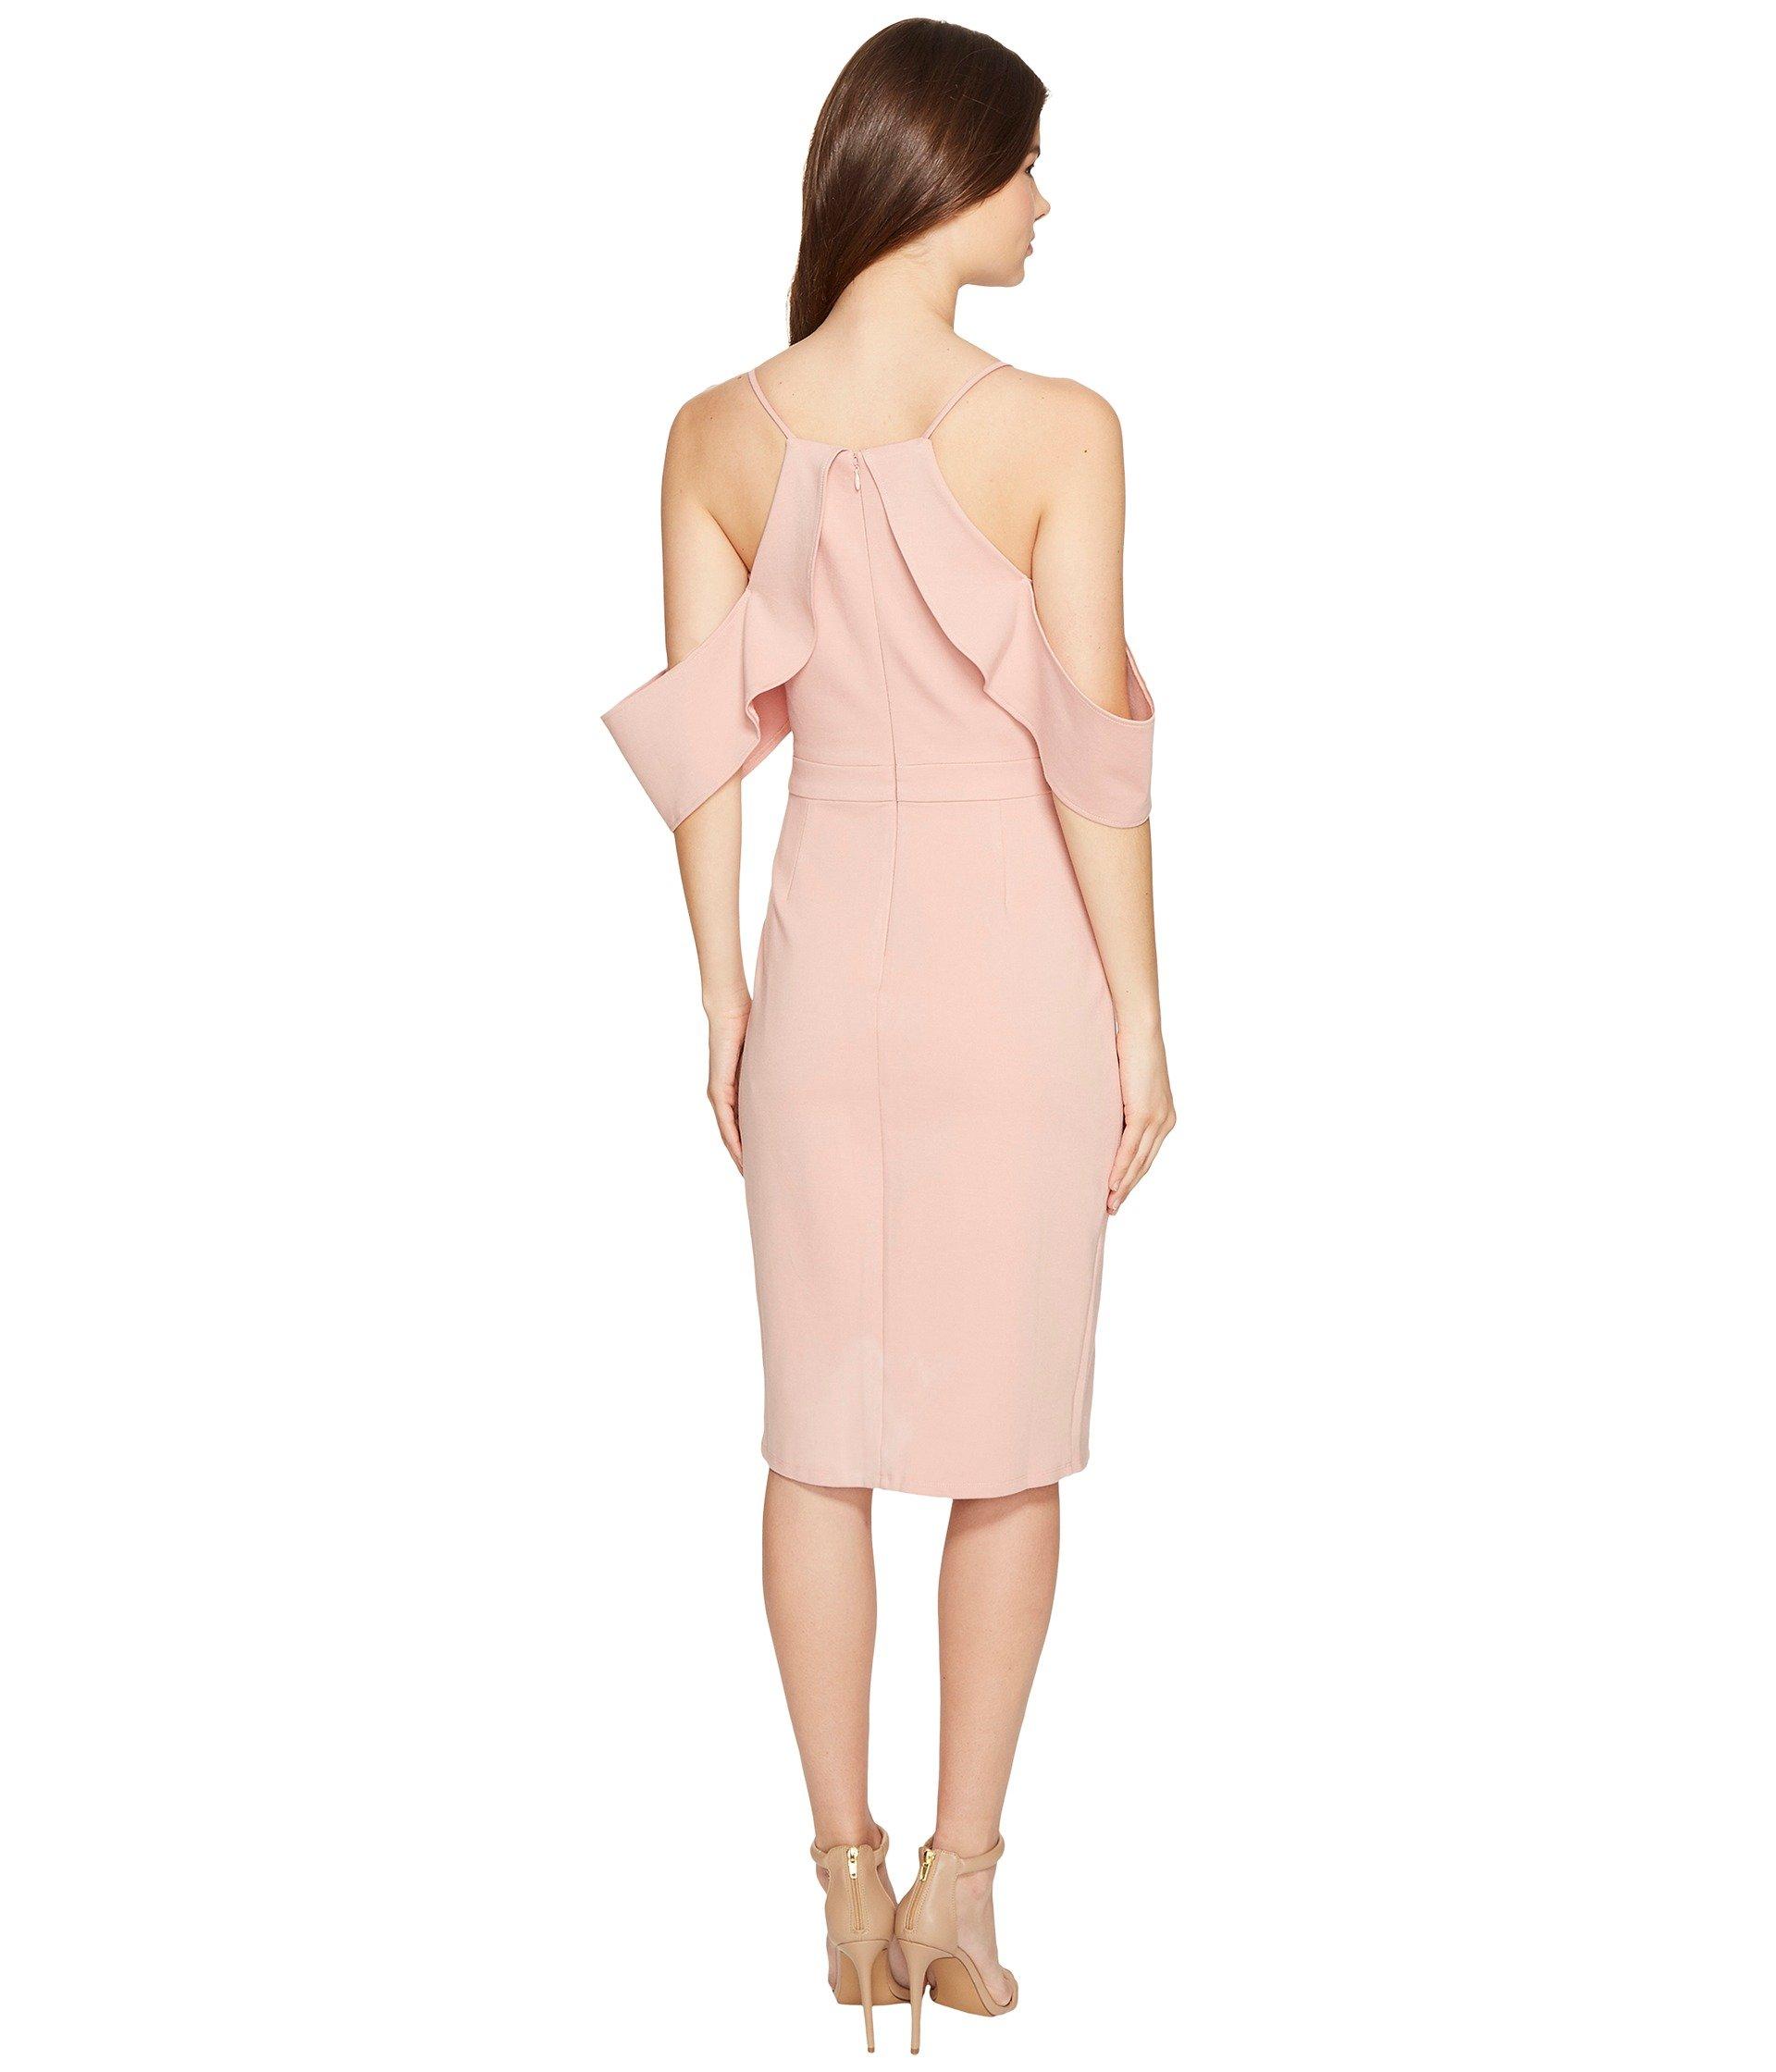 Badgley Mischka Alessandra Dress Shoes